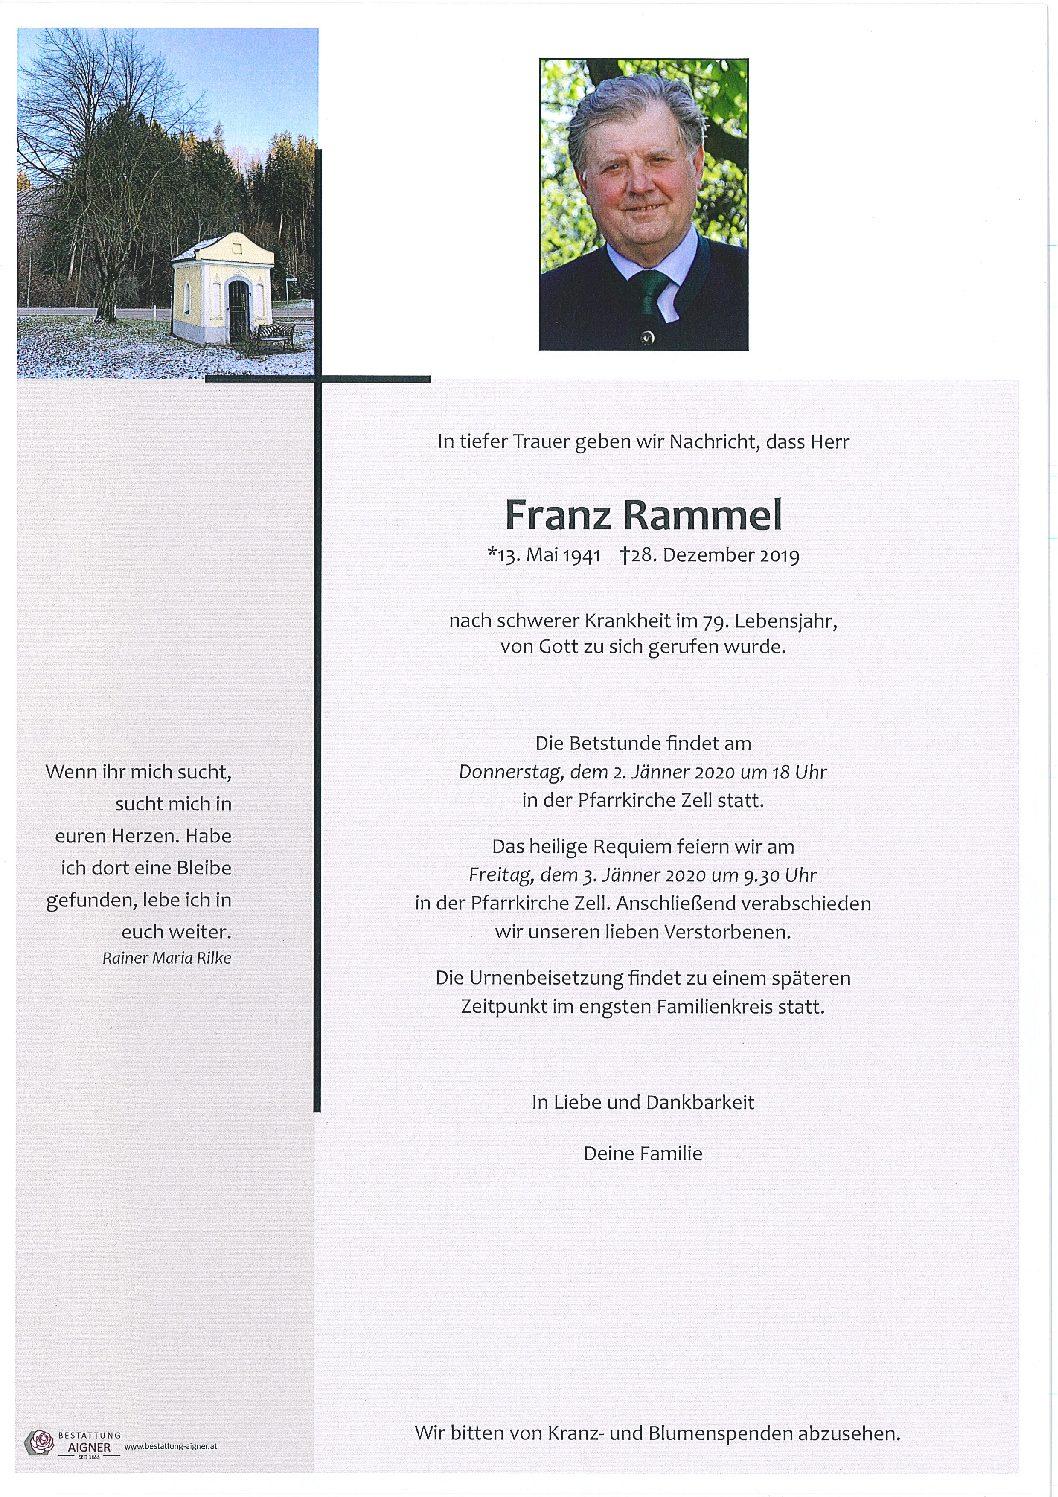 Franz Rammel